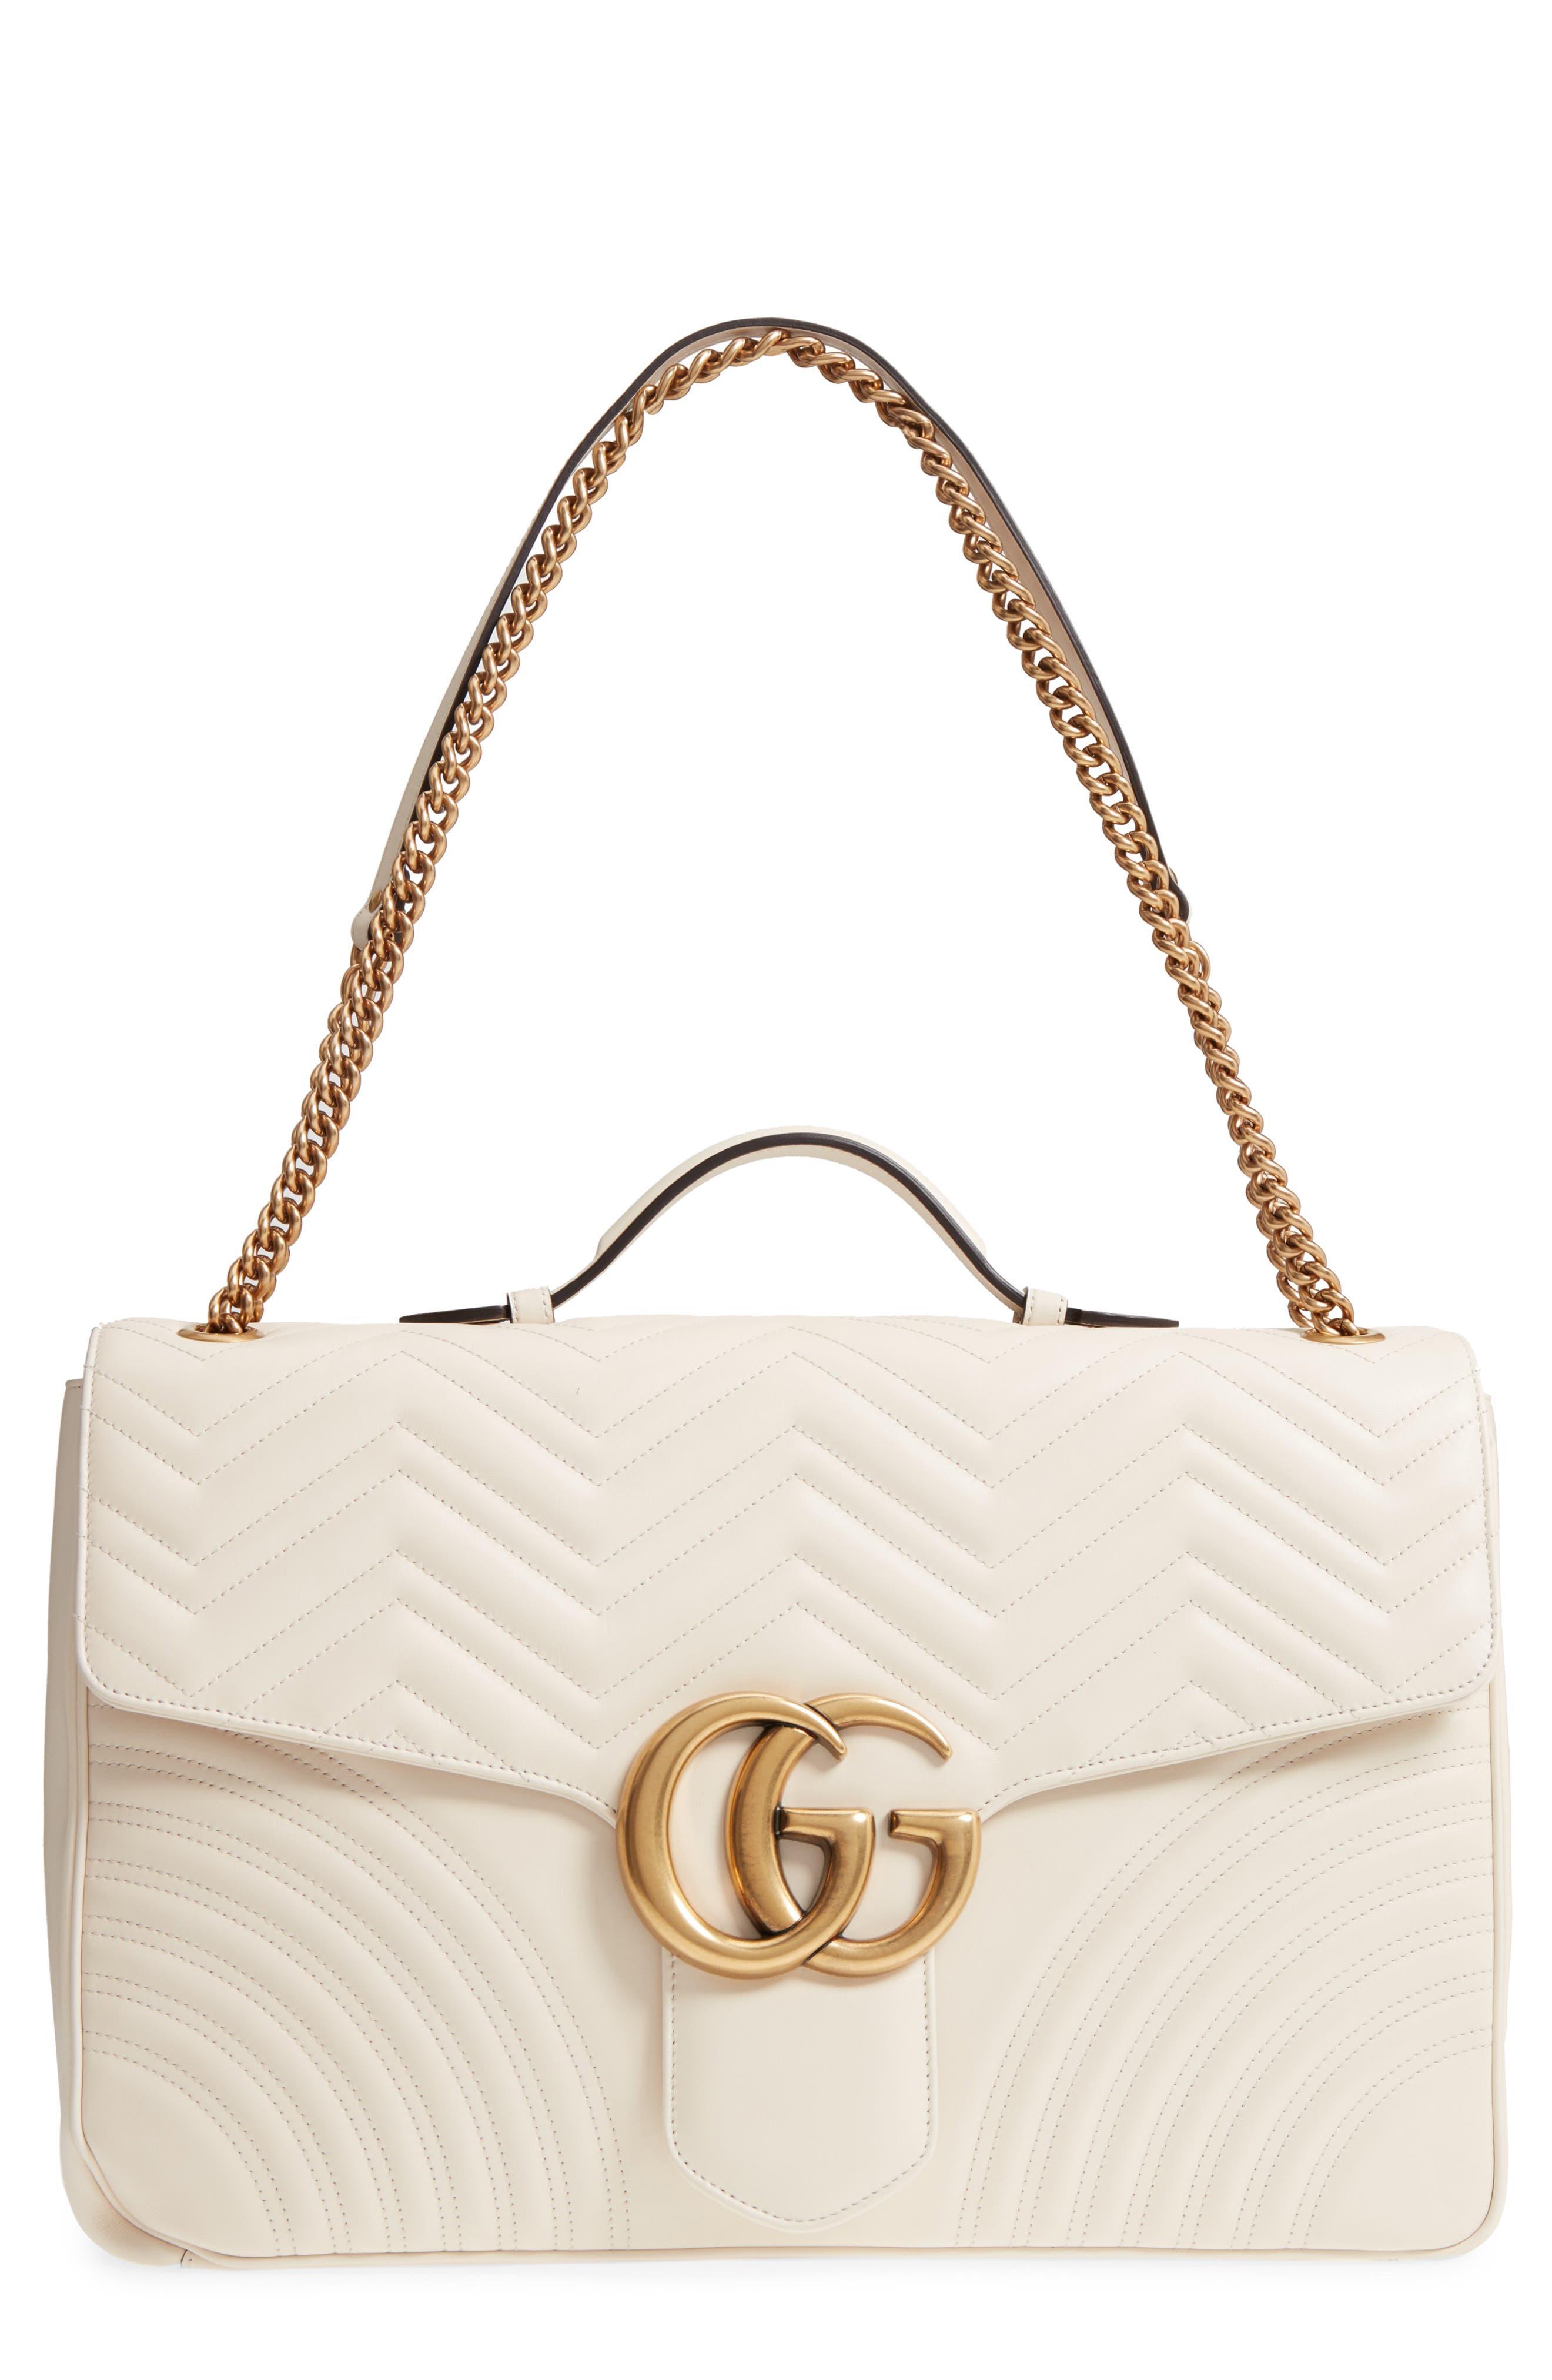 GG Marmont Maxi Matelassé Top Handle Shoulder Bag,                             Main thumbnail 1, color,                             White